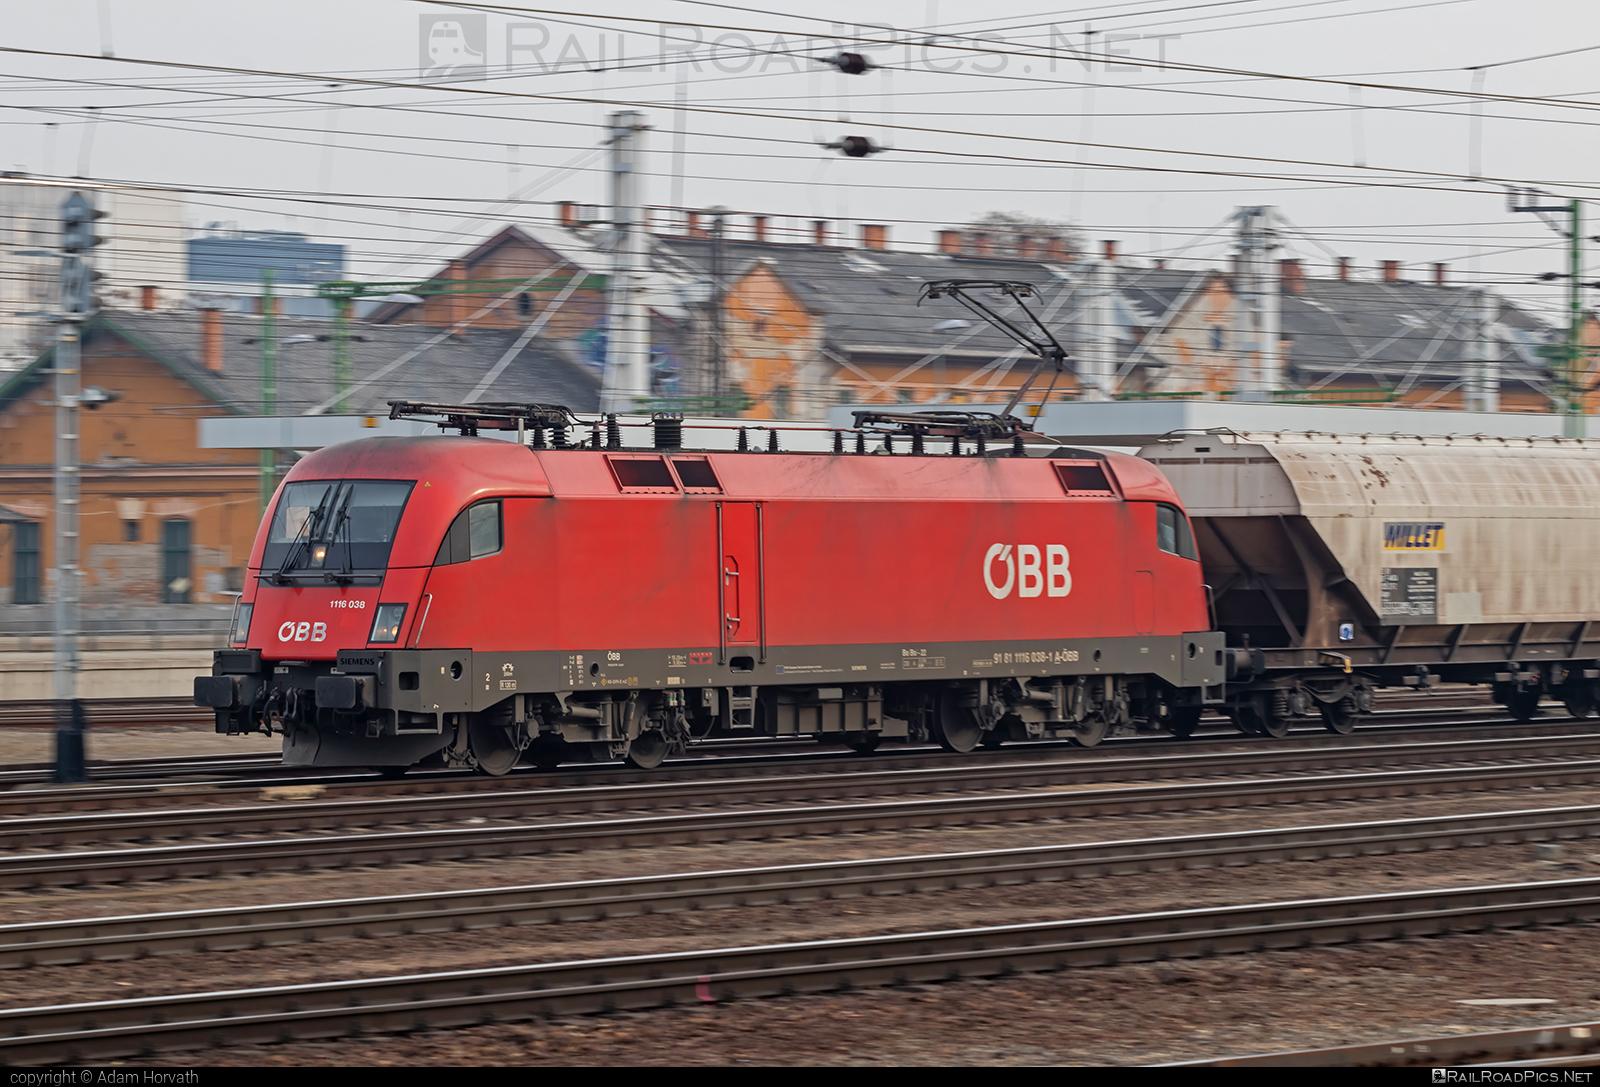 Siemens ES 64 U2 - 1116 038 operated by Rail Cargo Hungaria ZRt. #es64 #es64u #es64u2 #eurosprinter #hopperwagon #obb #osterreichischebundesbahnen #rch #siemens #siemenses64 #siemenses64u #siemenses64u2 #siemenstaurus #taurus #tauruslocomotive